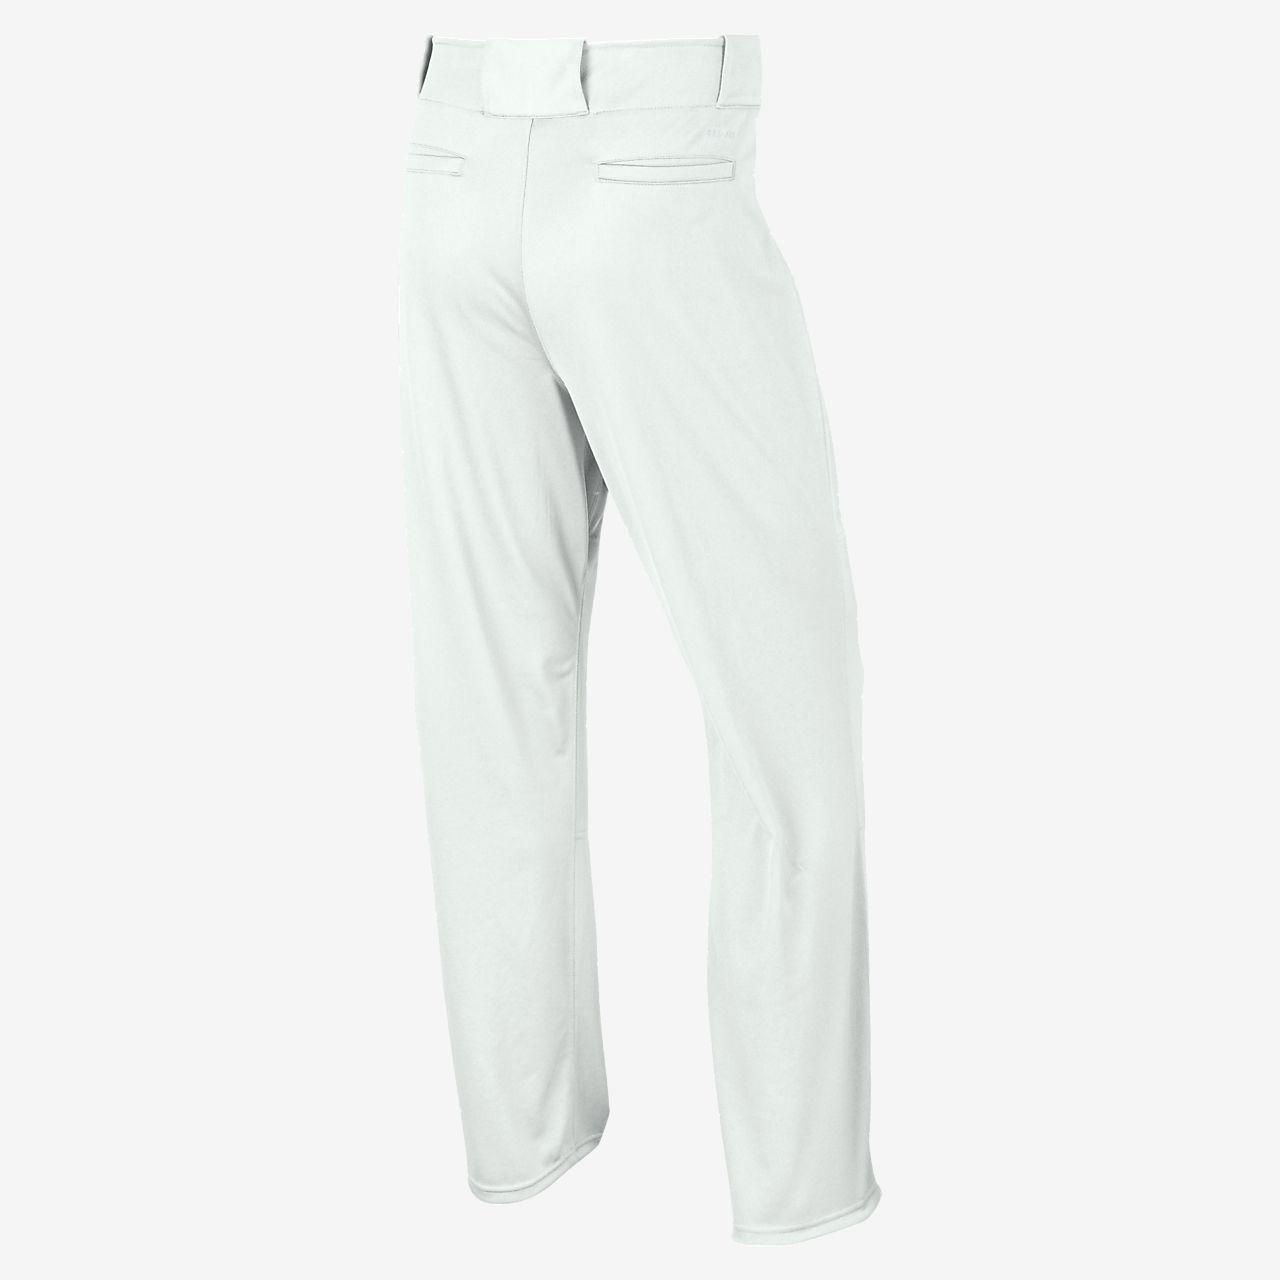 Low Resolution Nike Longball Men's Baseball Pants Nike Longball Men's  Baseball Pants